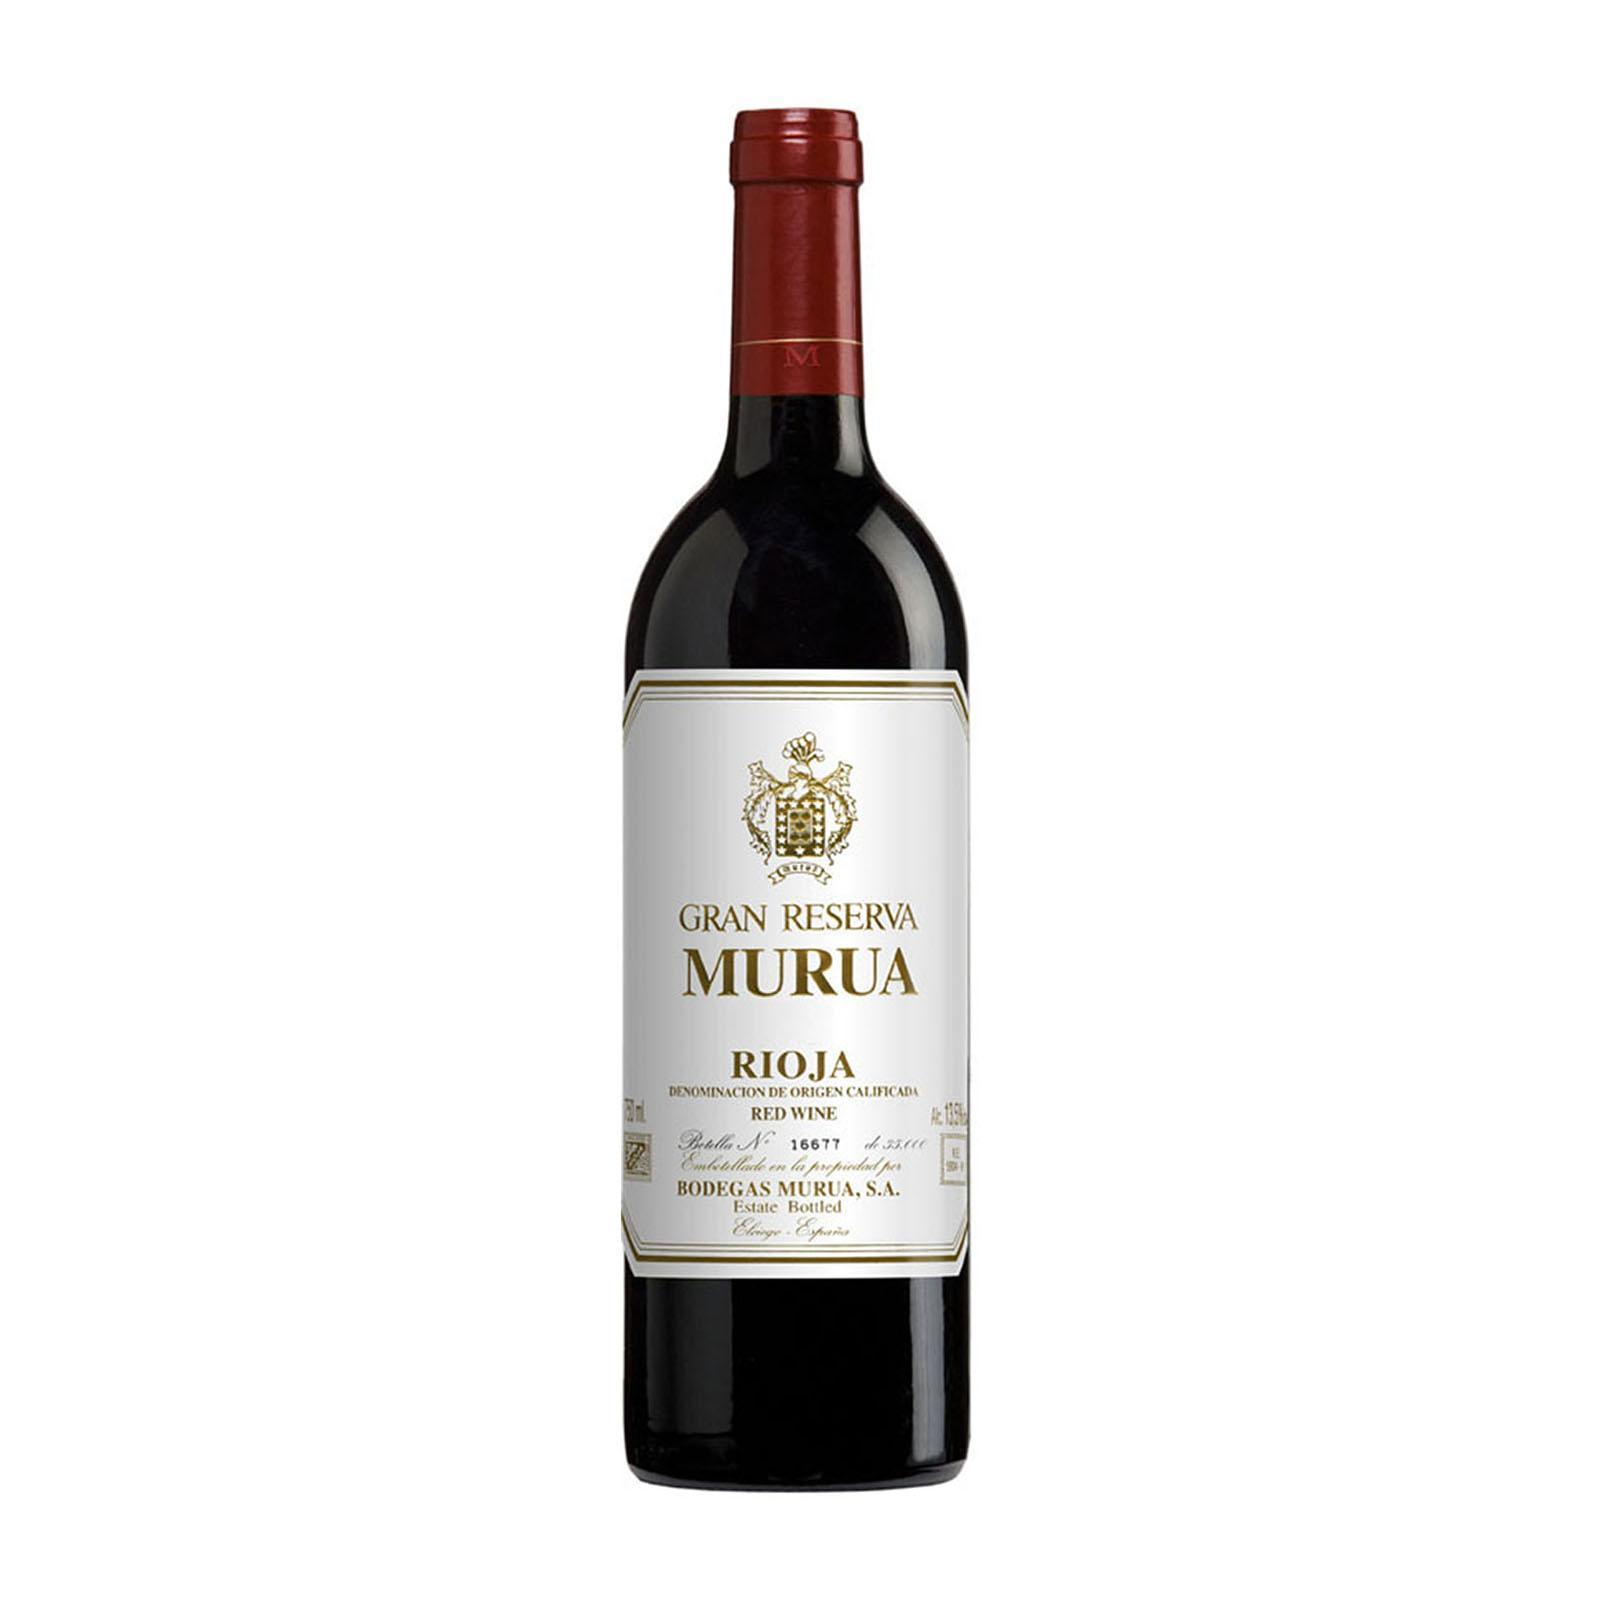 Bodegas Murua Veguin Gran Reserva 2010 Rioja Spanish Wine - By TANINOS